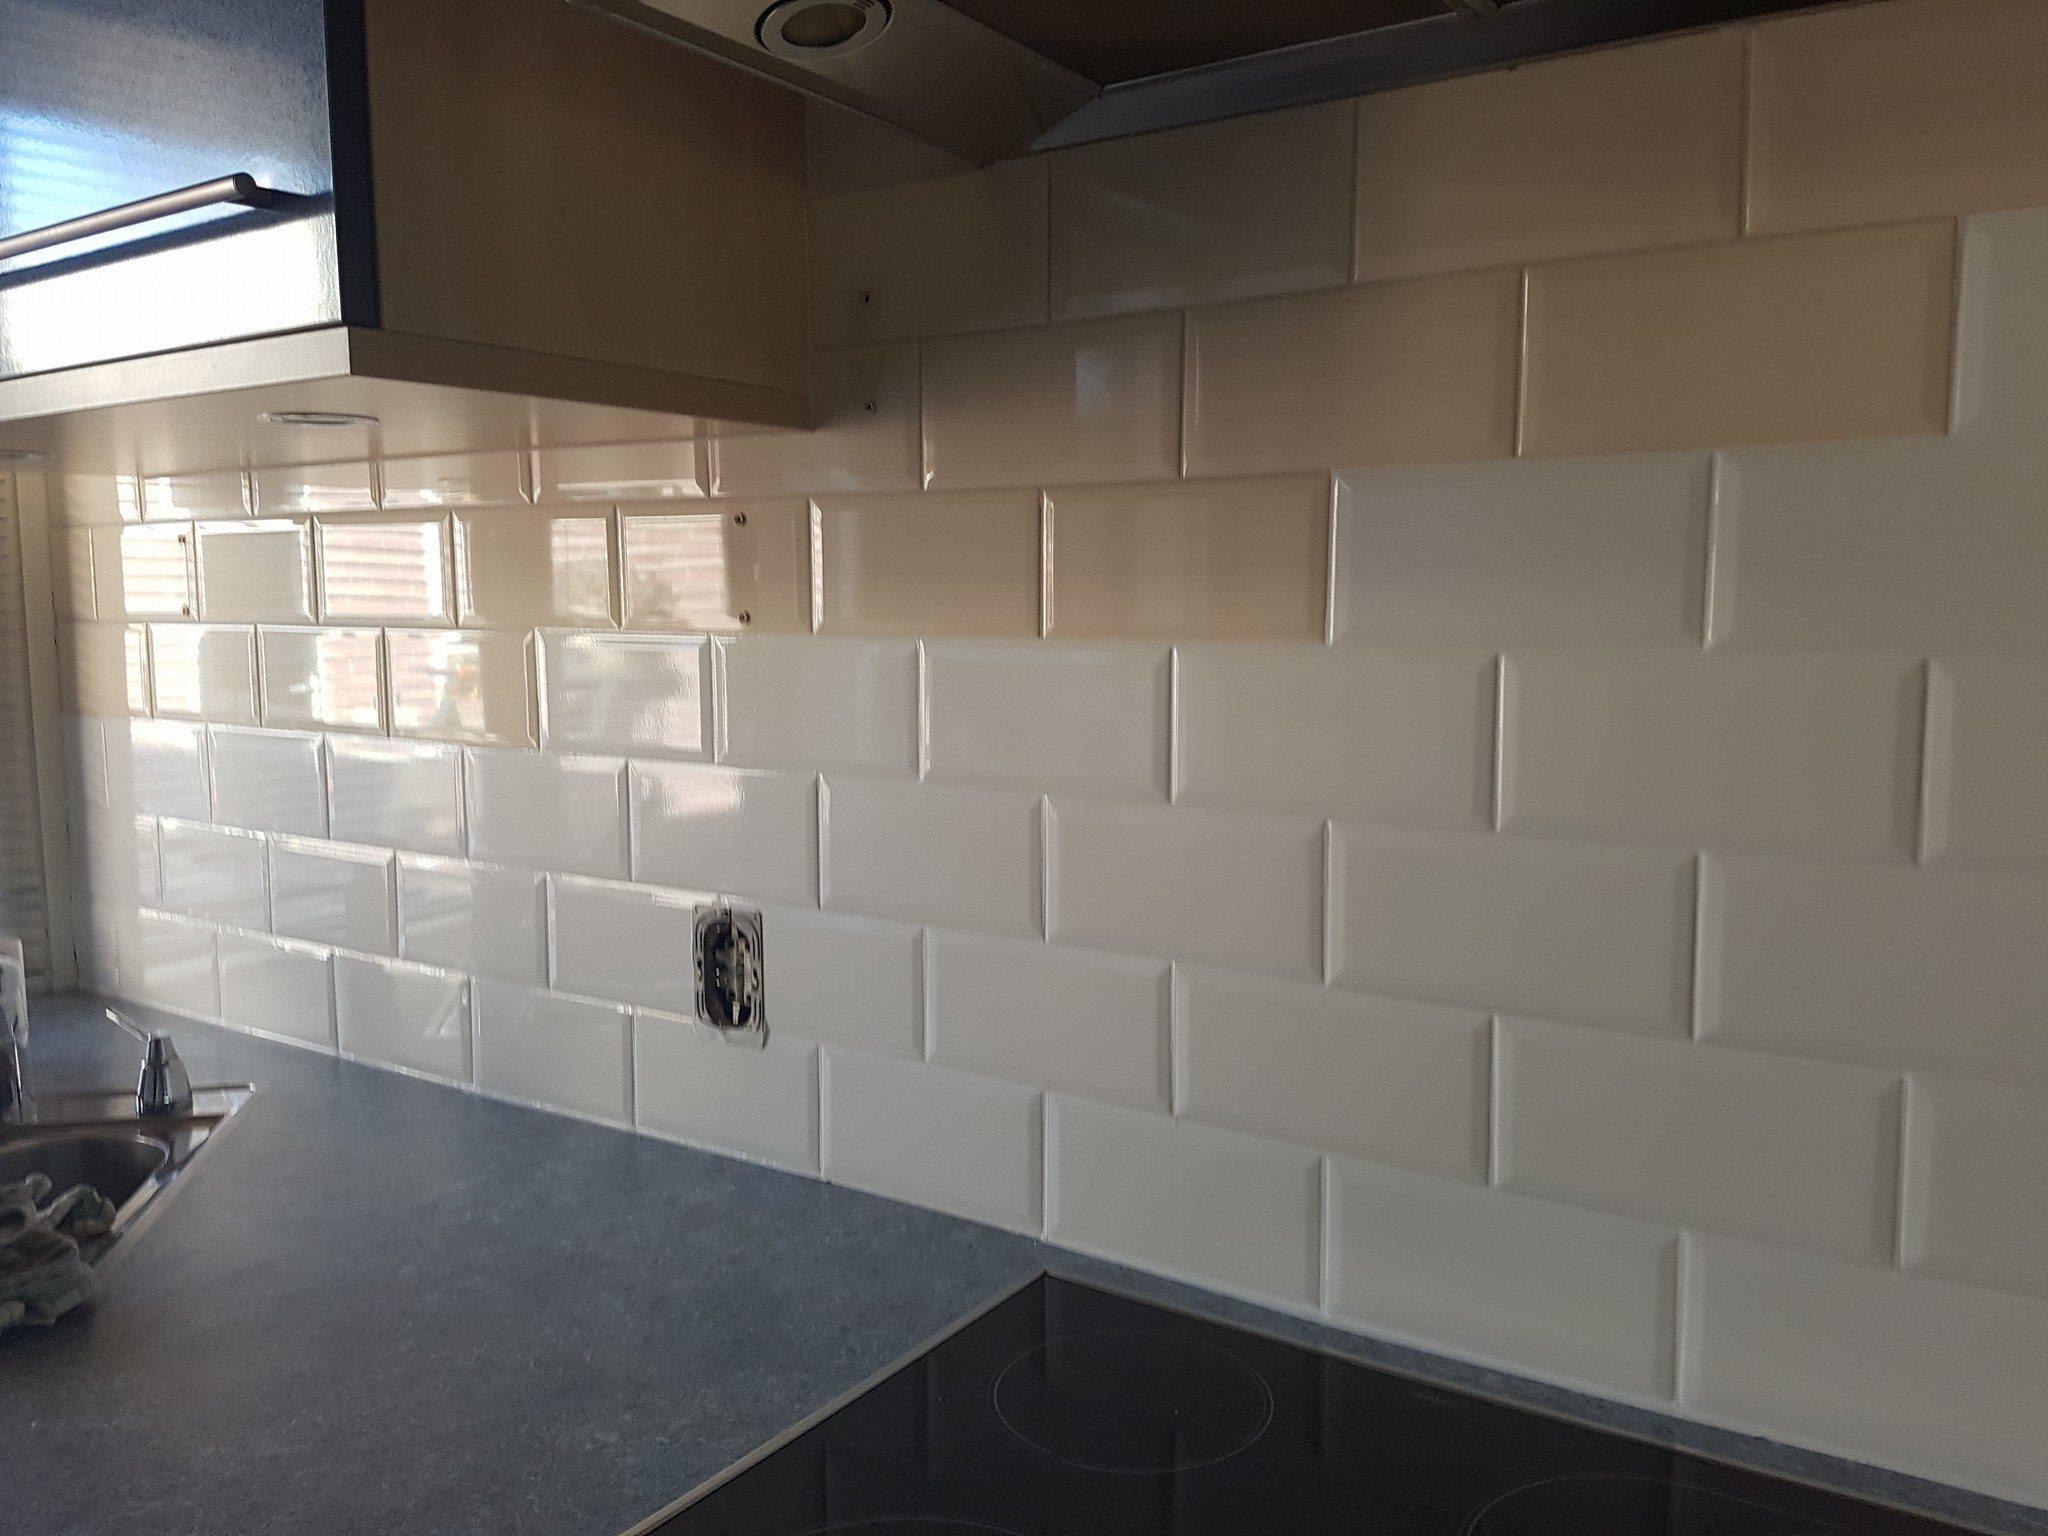 keuken nieuwe tegels : Tegels En Achterwanden